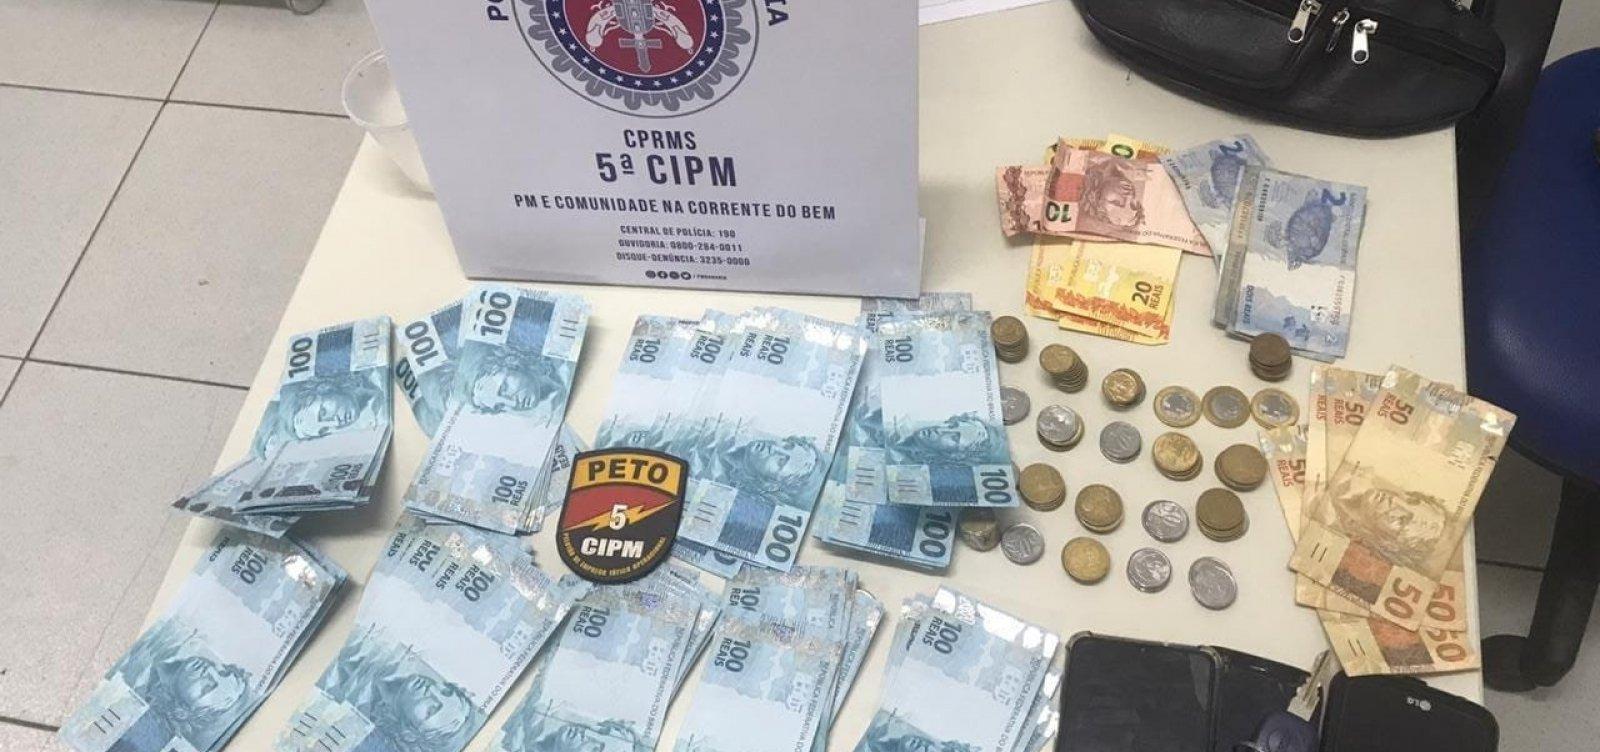 Turistas de Minas Gerais são detidos com R$ 9 mil em notas falsas em Vera Cruz